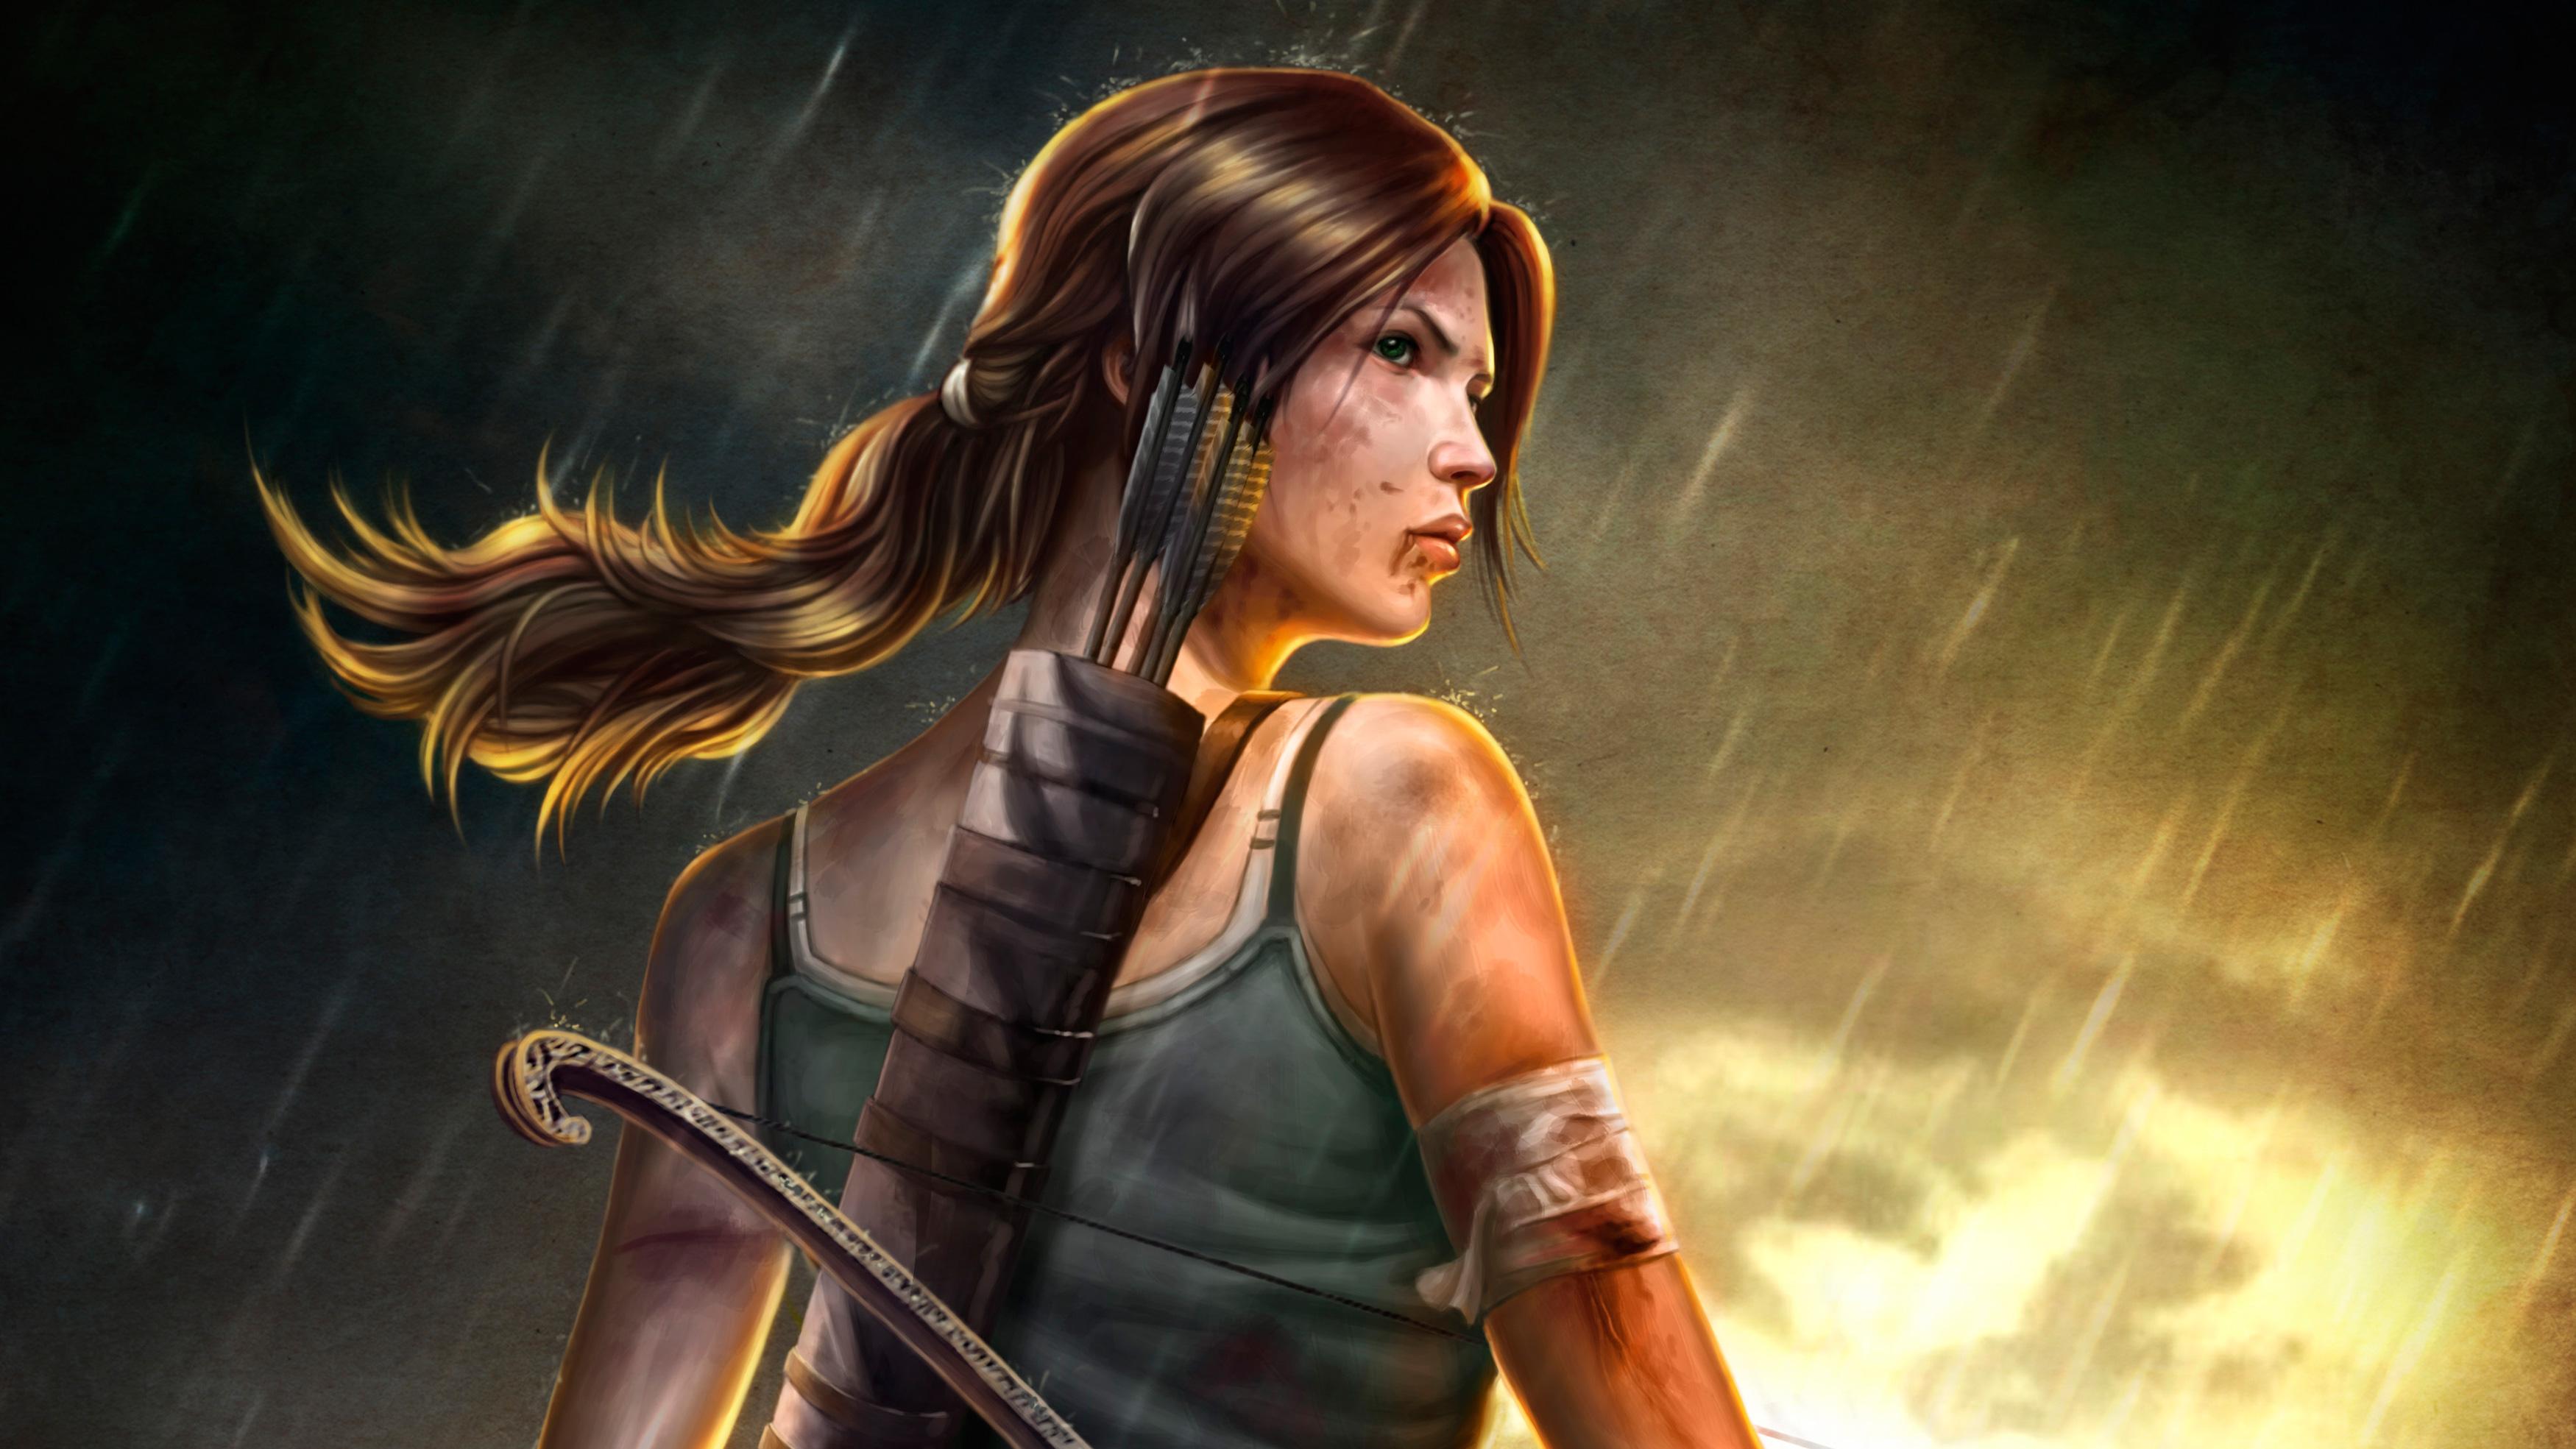 3840x2160 Lara Croft Tomb Raider Artwork 4k Hd 4k